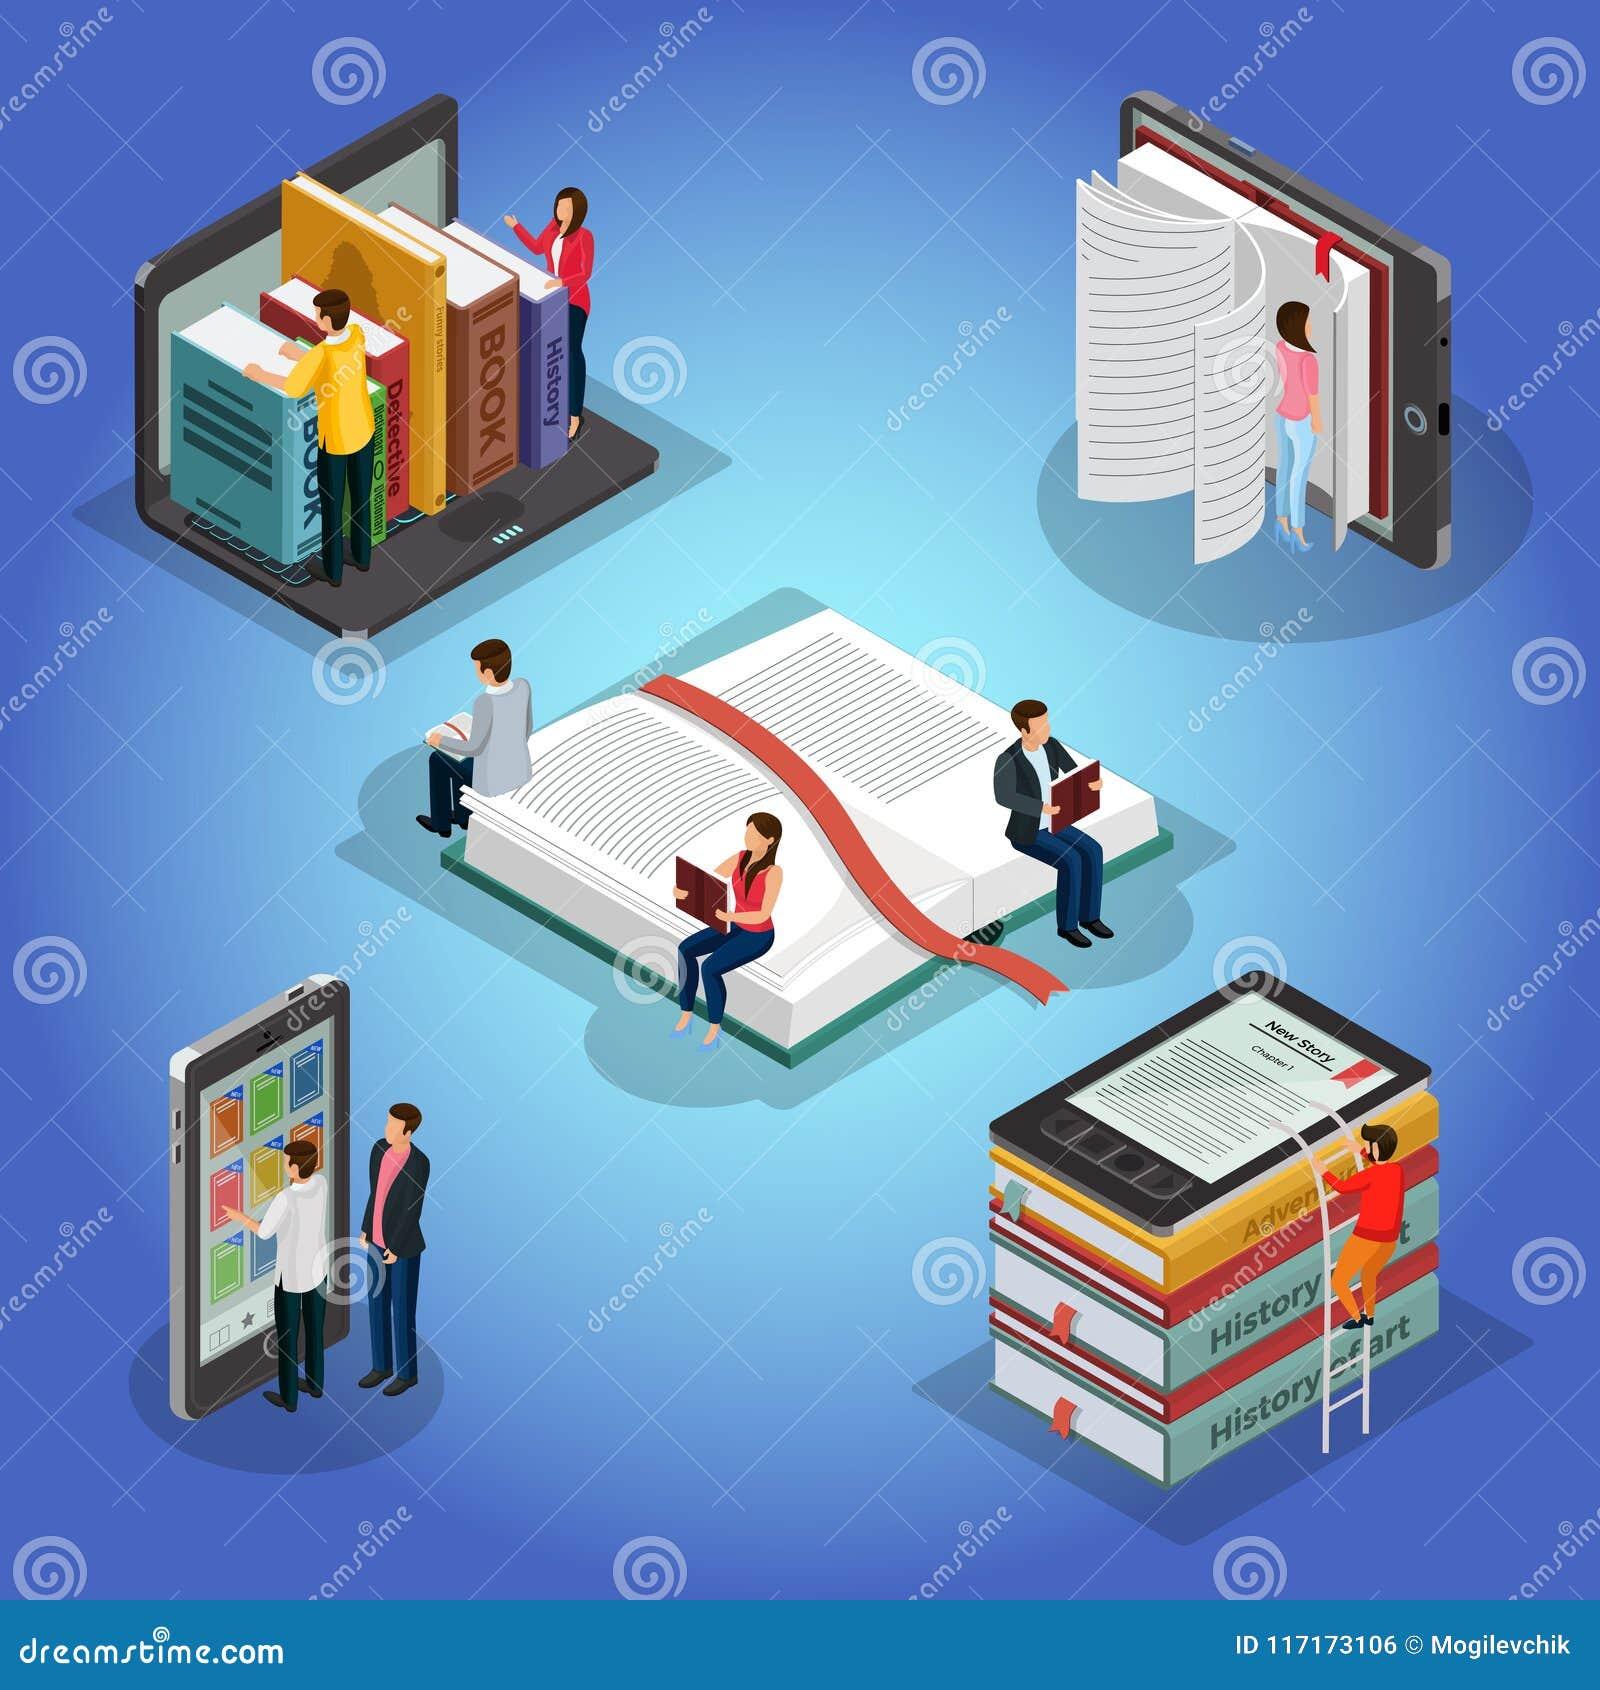 For laptop download ebook reader